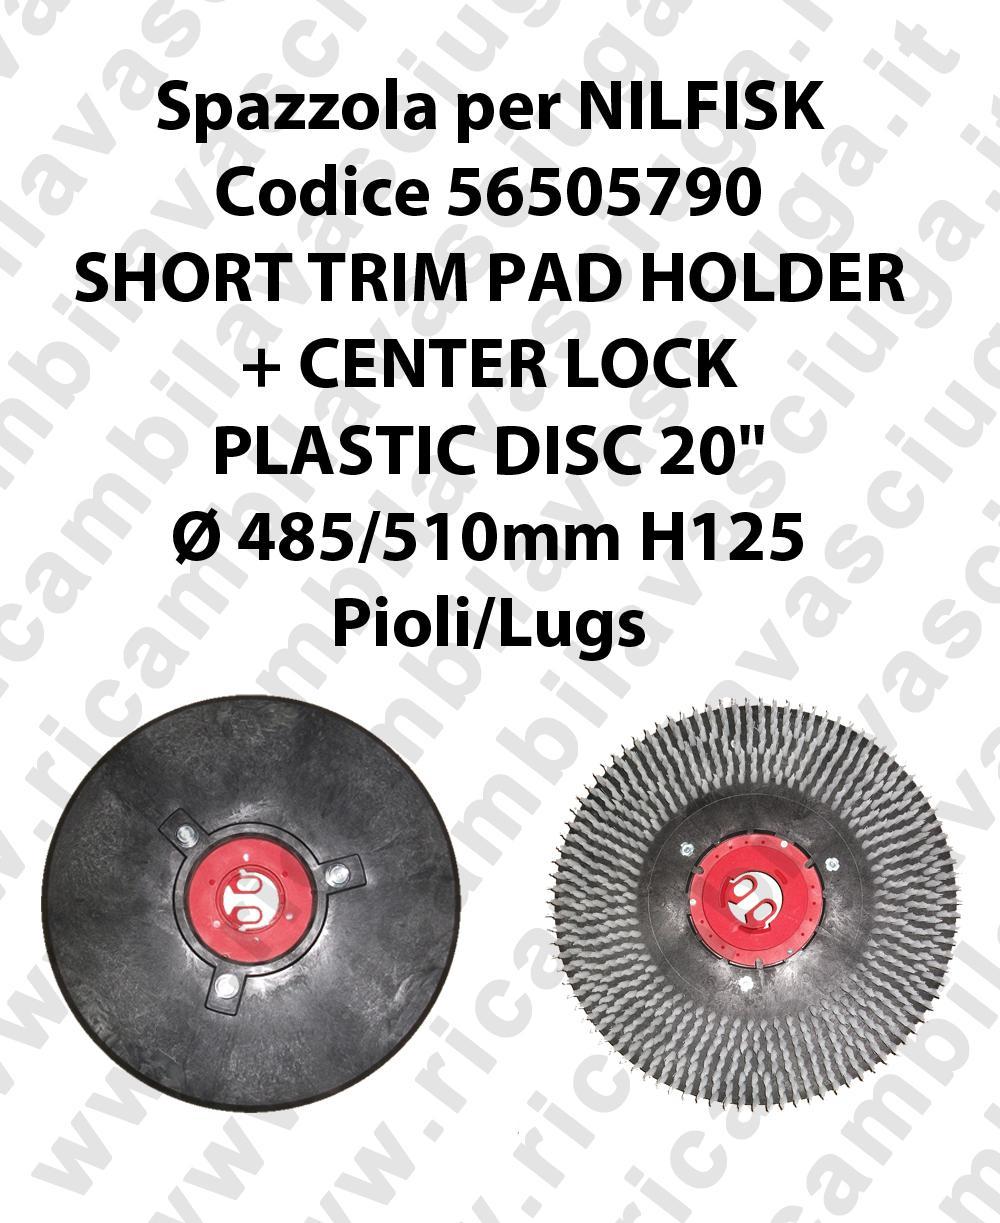 SHORT TRIM PAD HOLDER + CENTERLOCK per lavapavimenti NILFISK 56505790